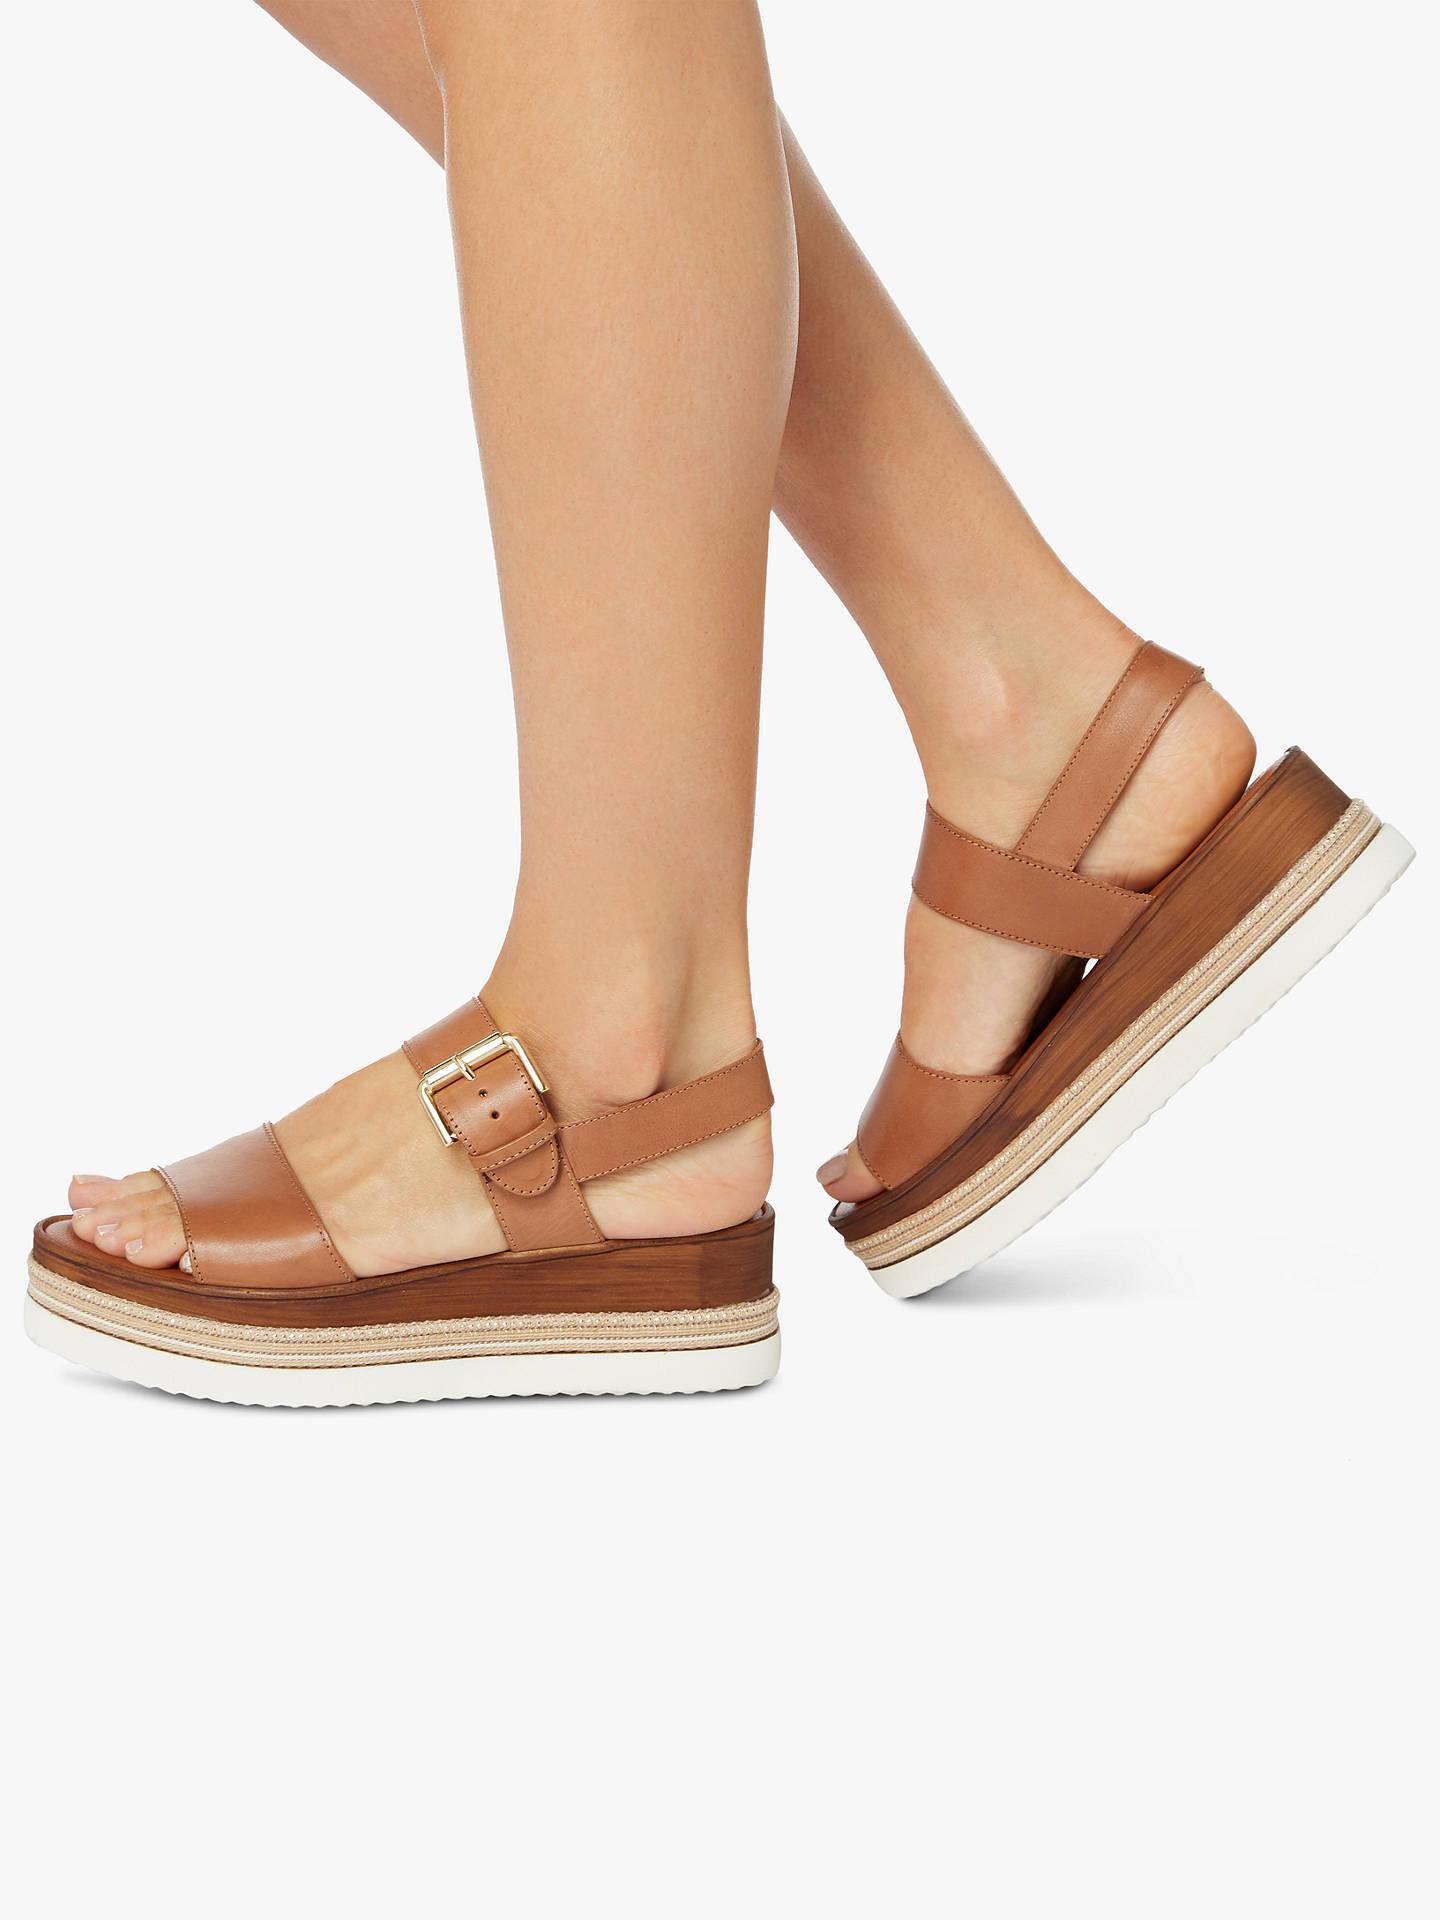 cc91af09820 Dune Kaze Espadrille Flatform Sandals at John Lewis   Partners